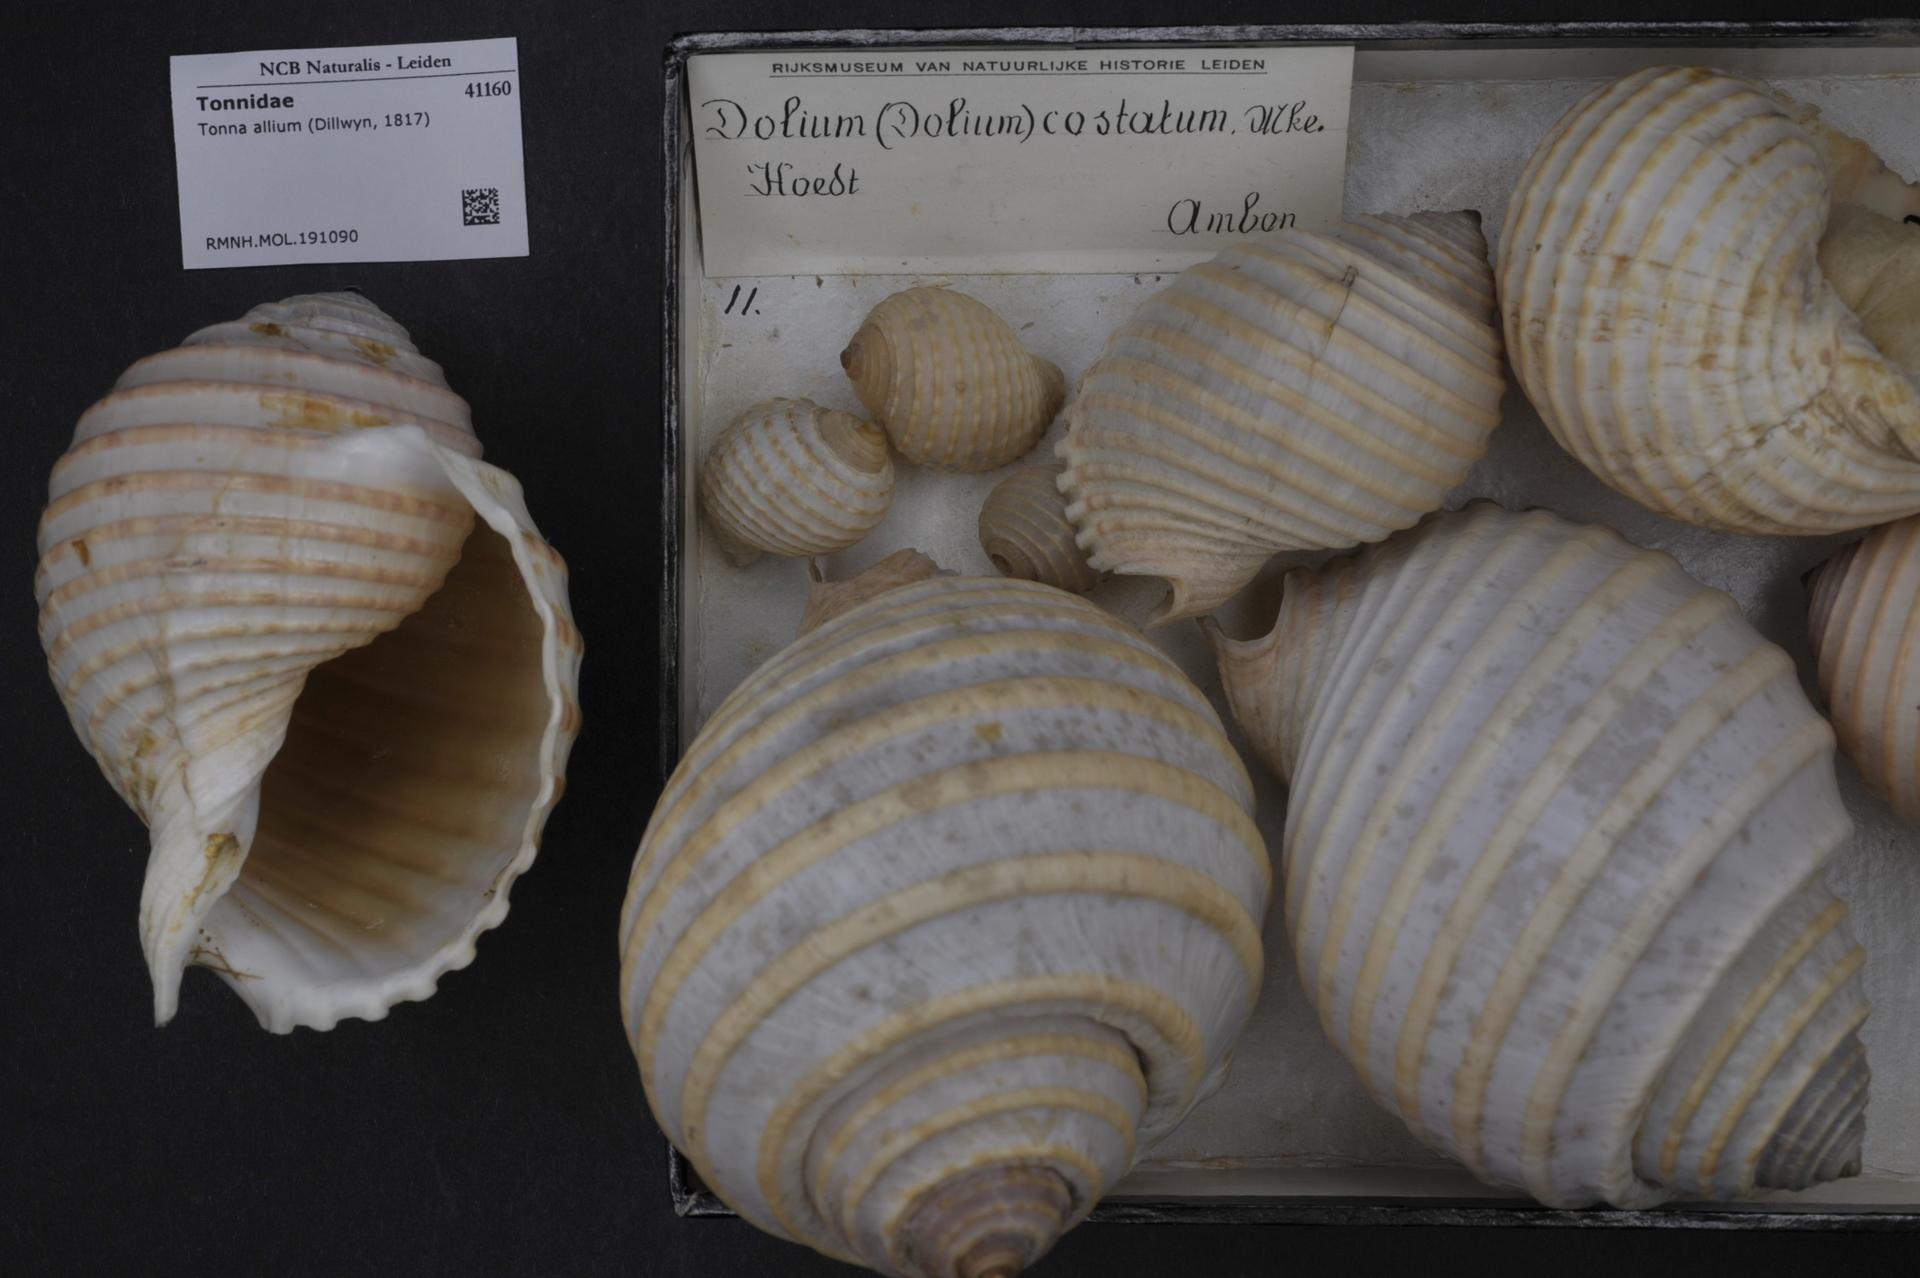 RMNH.MOL.191090   Tonna allium (Dillwyn, 1817)